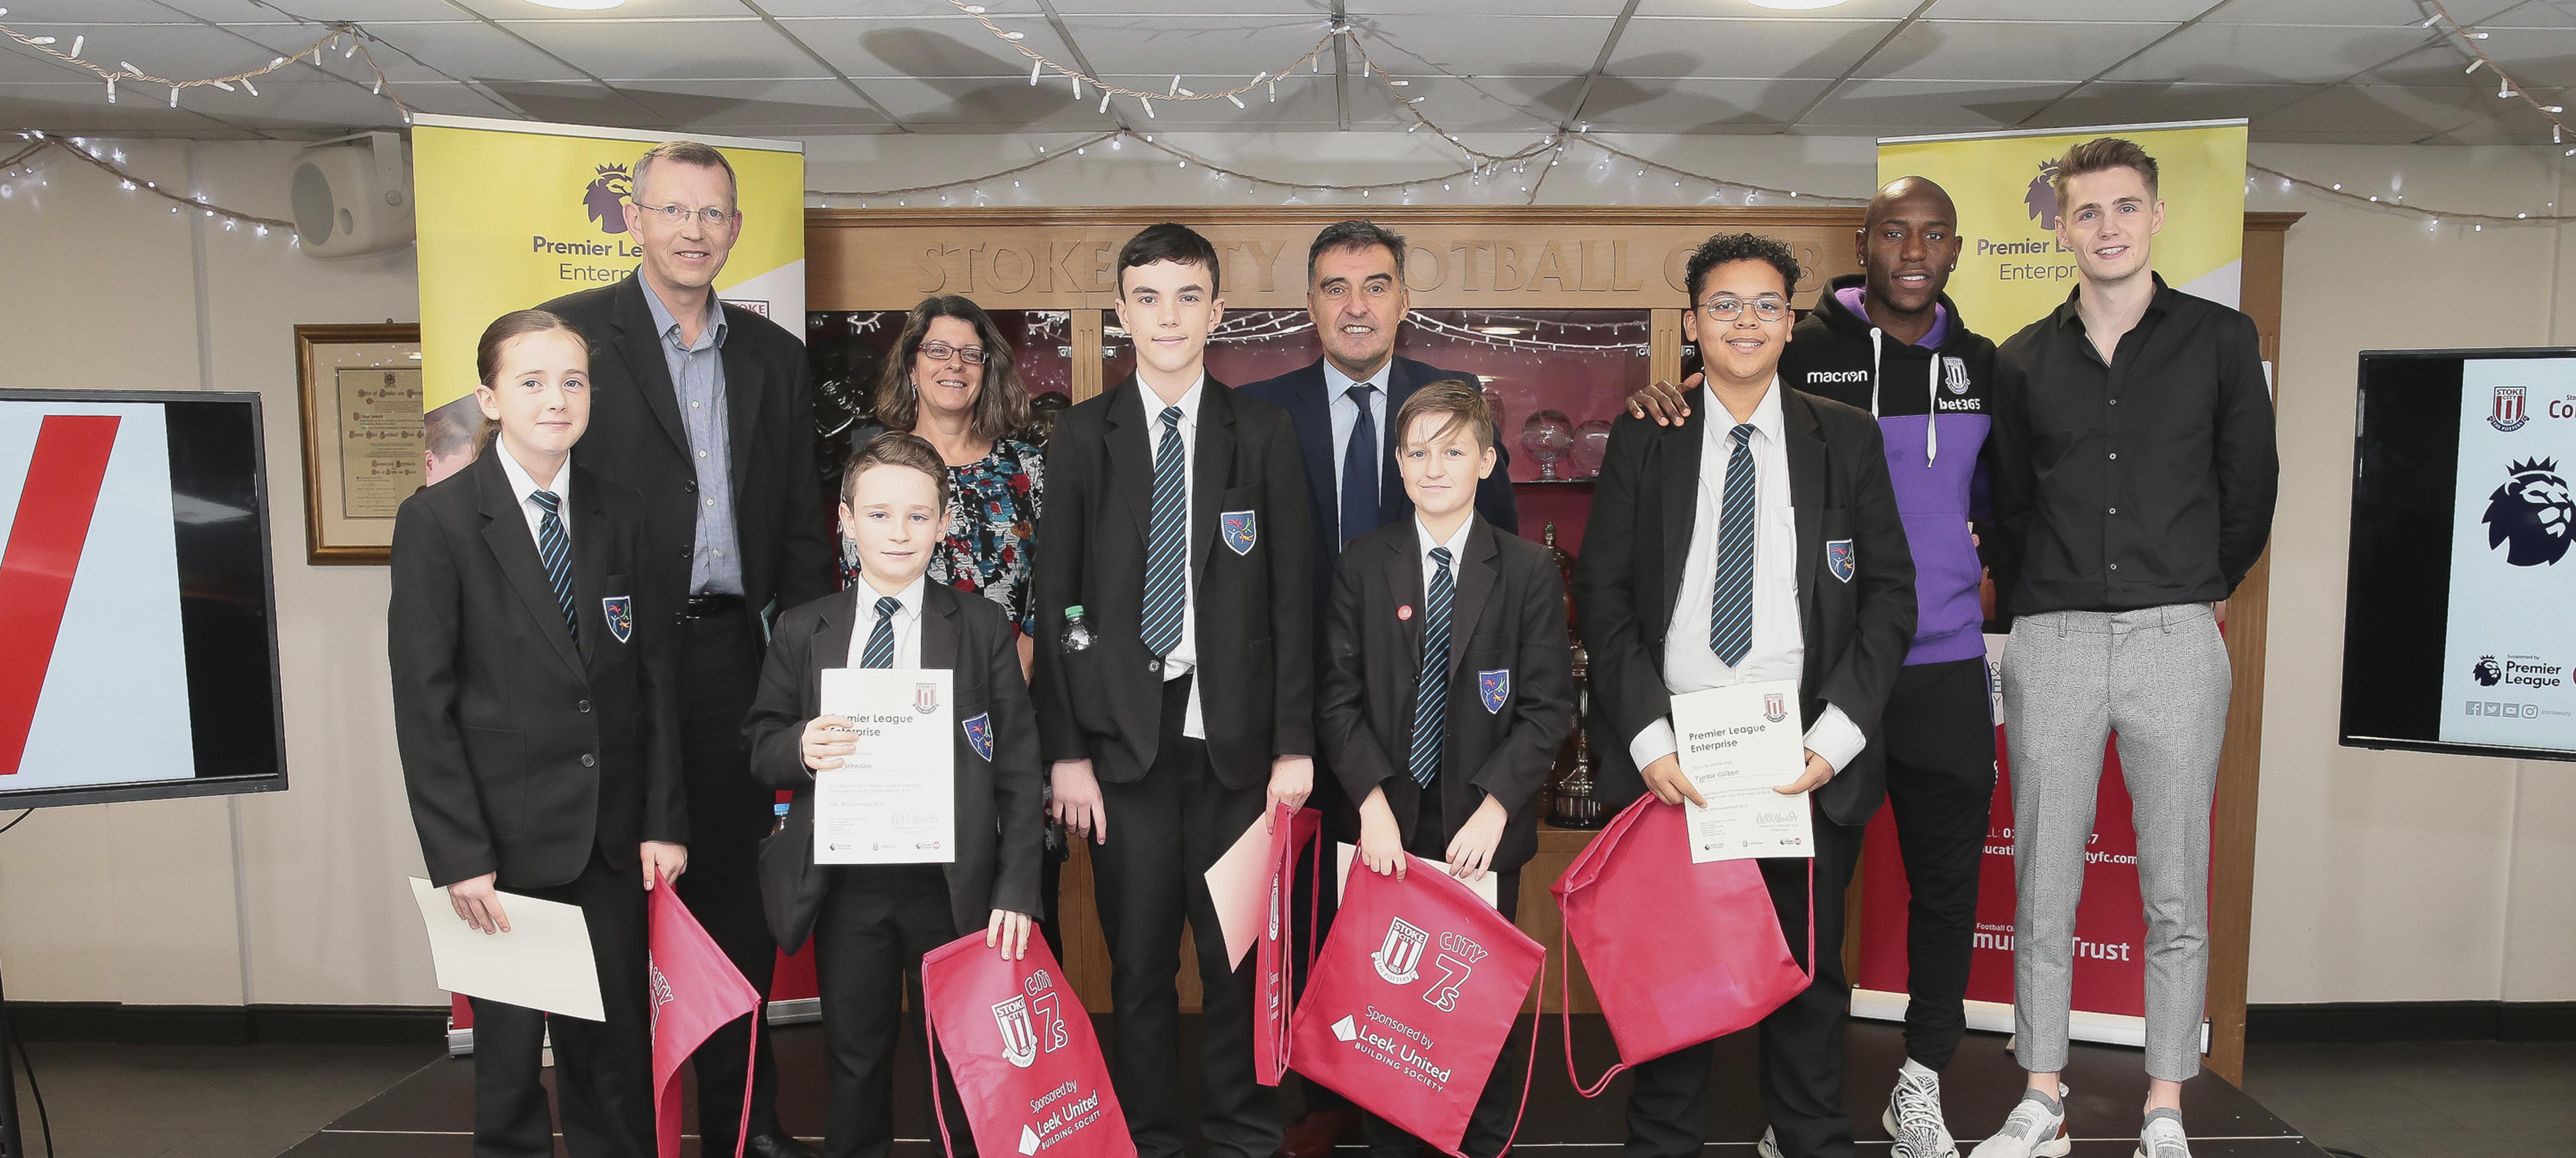 Students make an impact with Premier League Enterprise Challenge